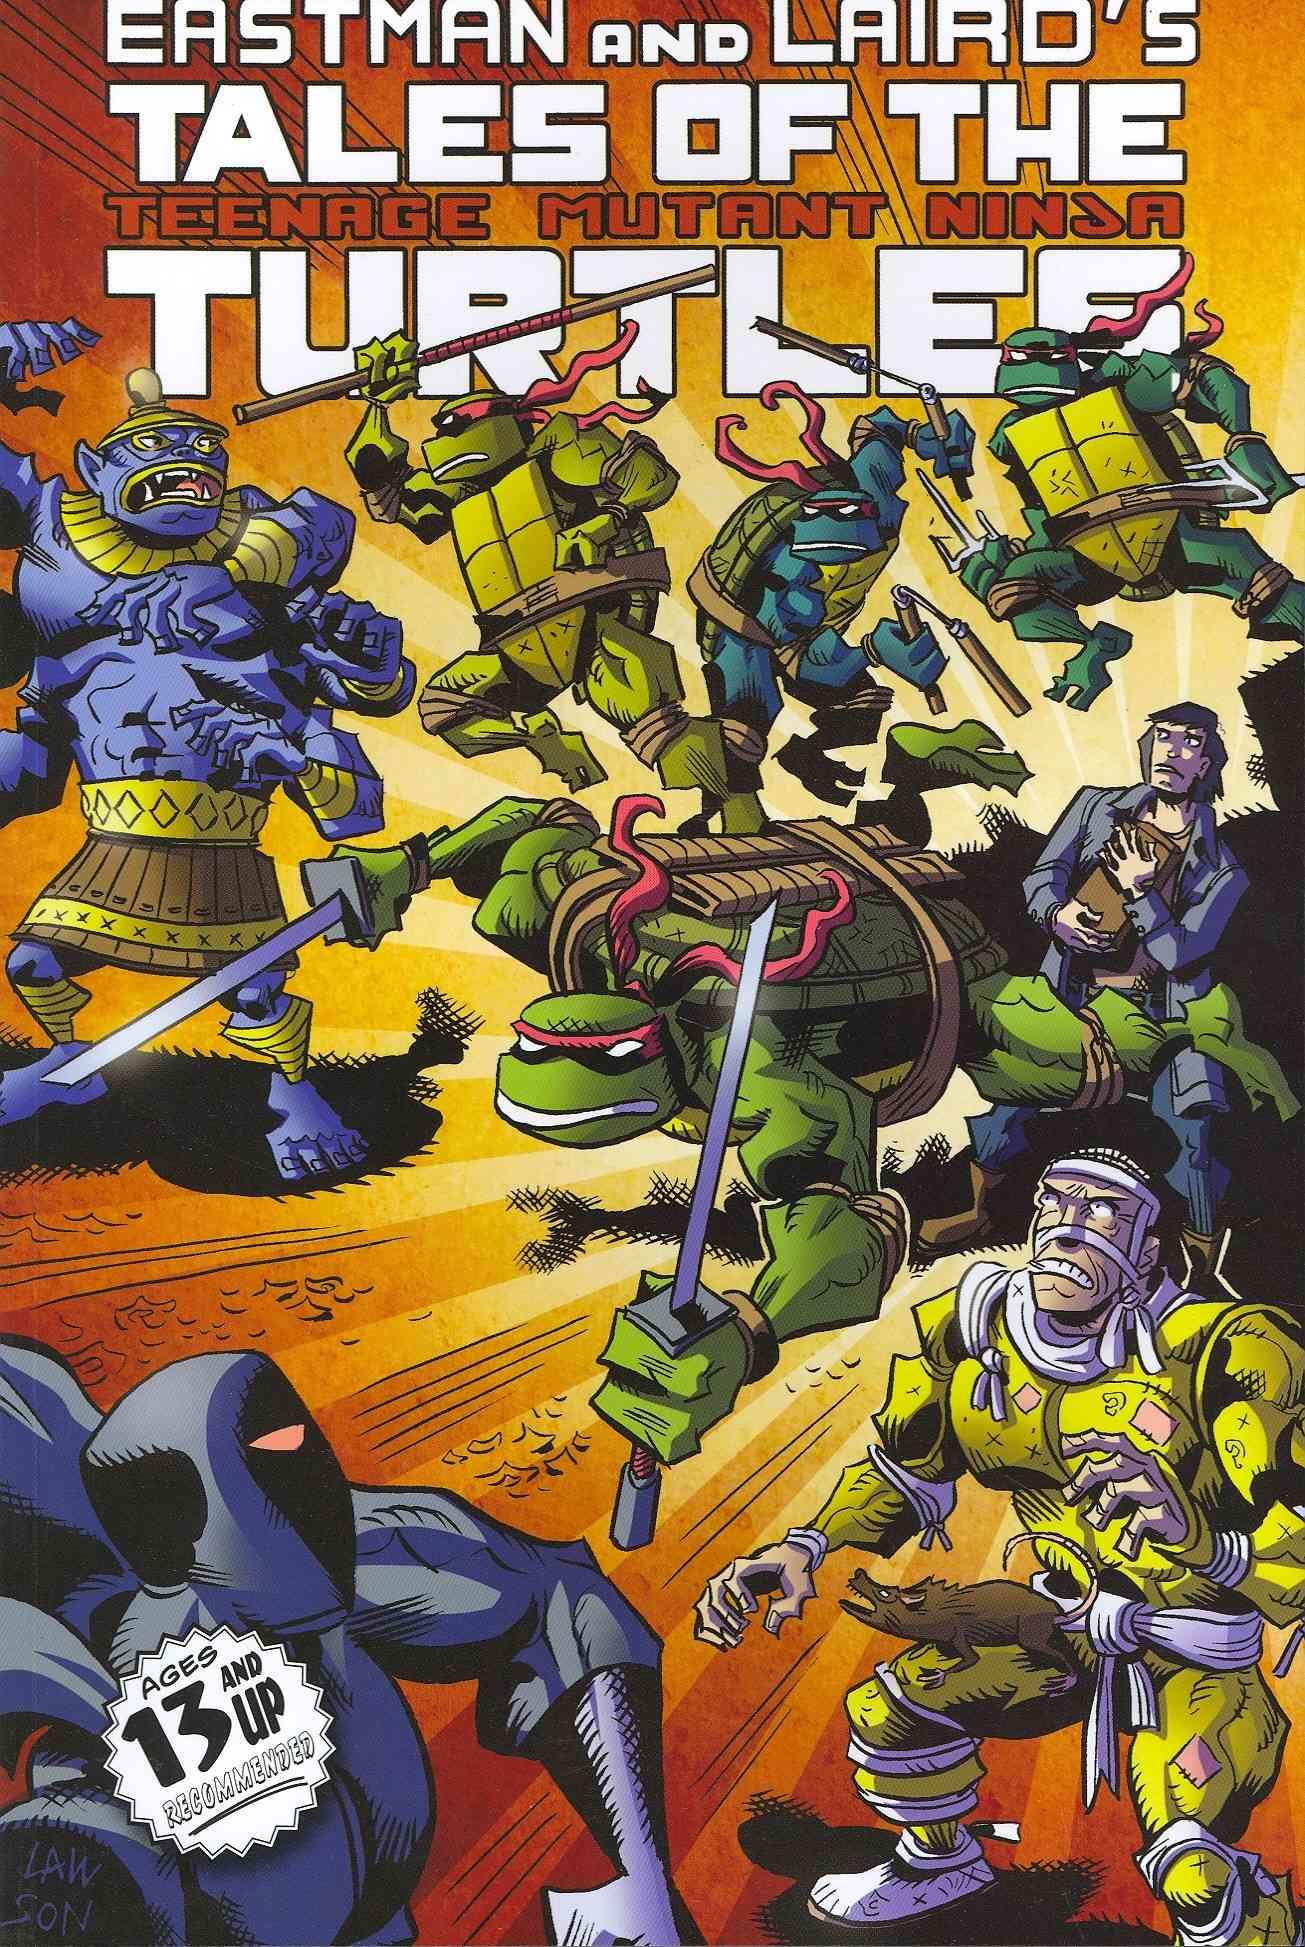 Tales of the Teenage Mutant Ninja Turtles 1 (Paperback)